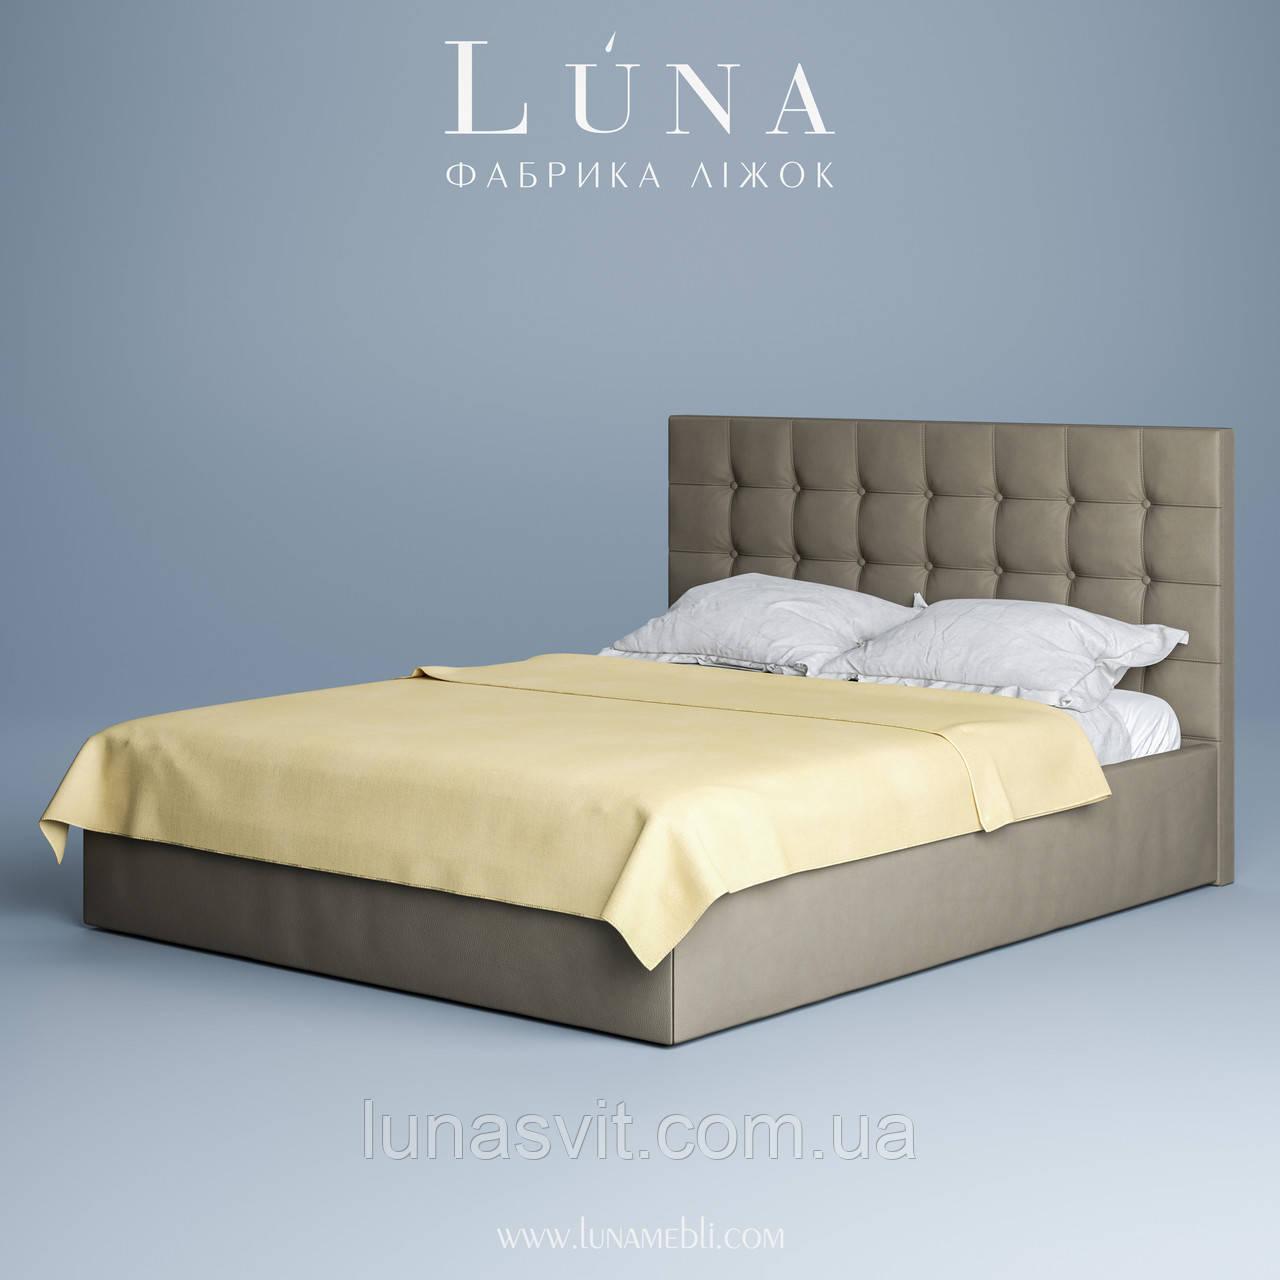 Купить кровать украина